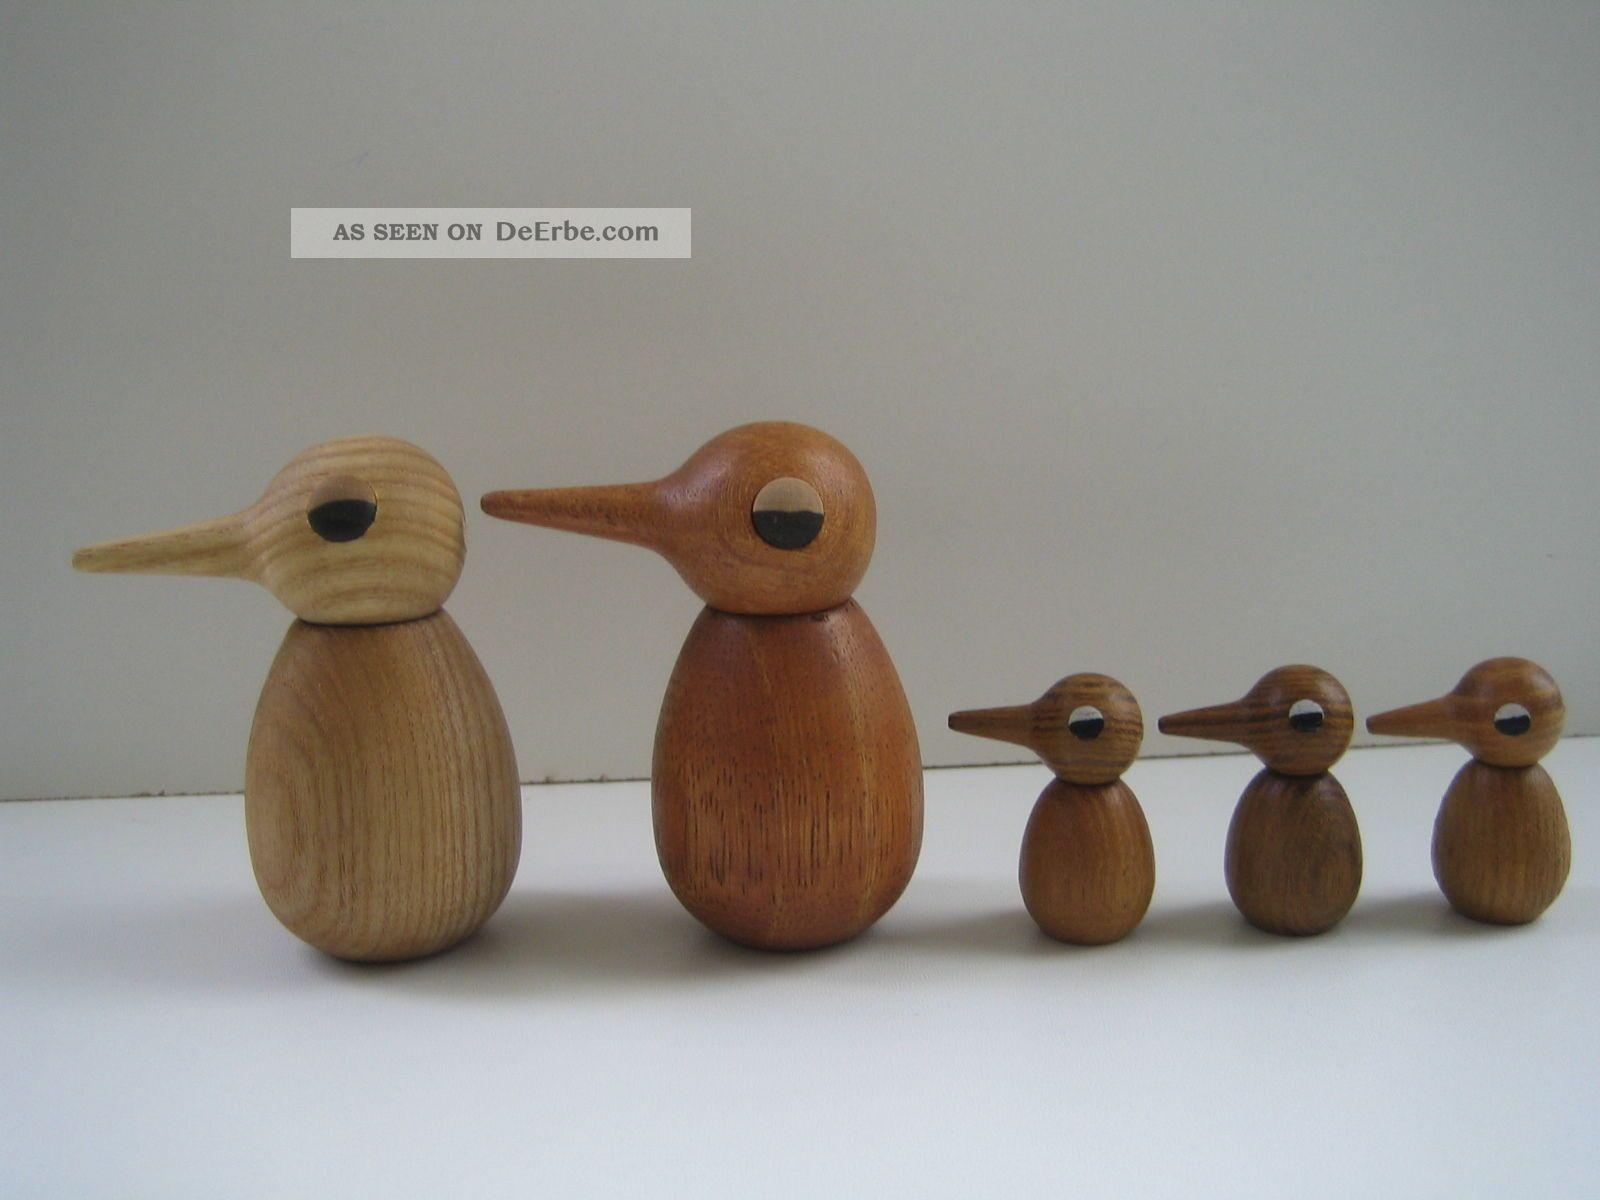 Bojesen Vogel einmalig 5 teak bird s torben orskov 50er kristian vedel vogel bojesen